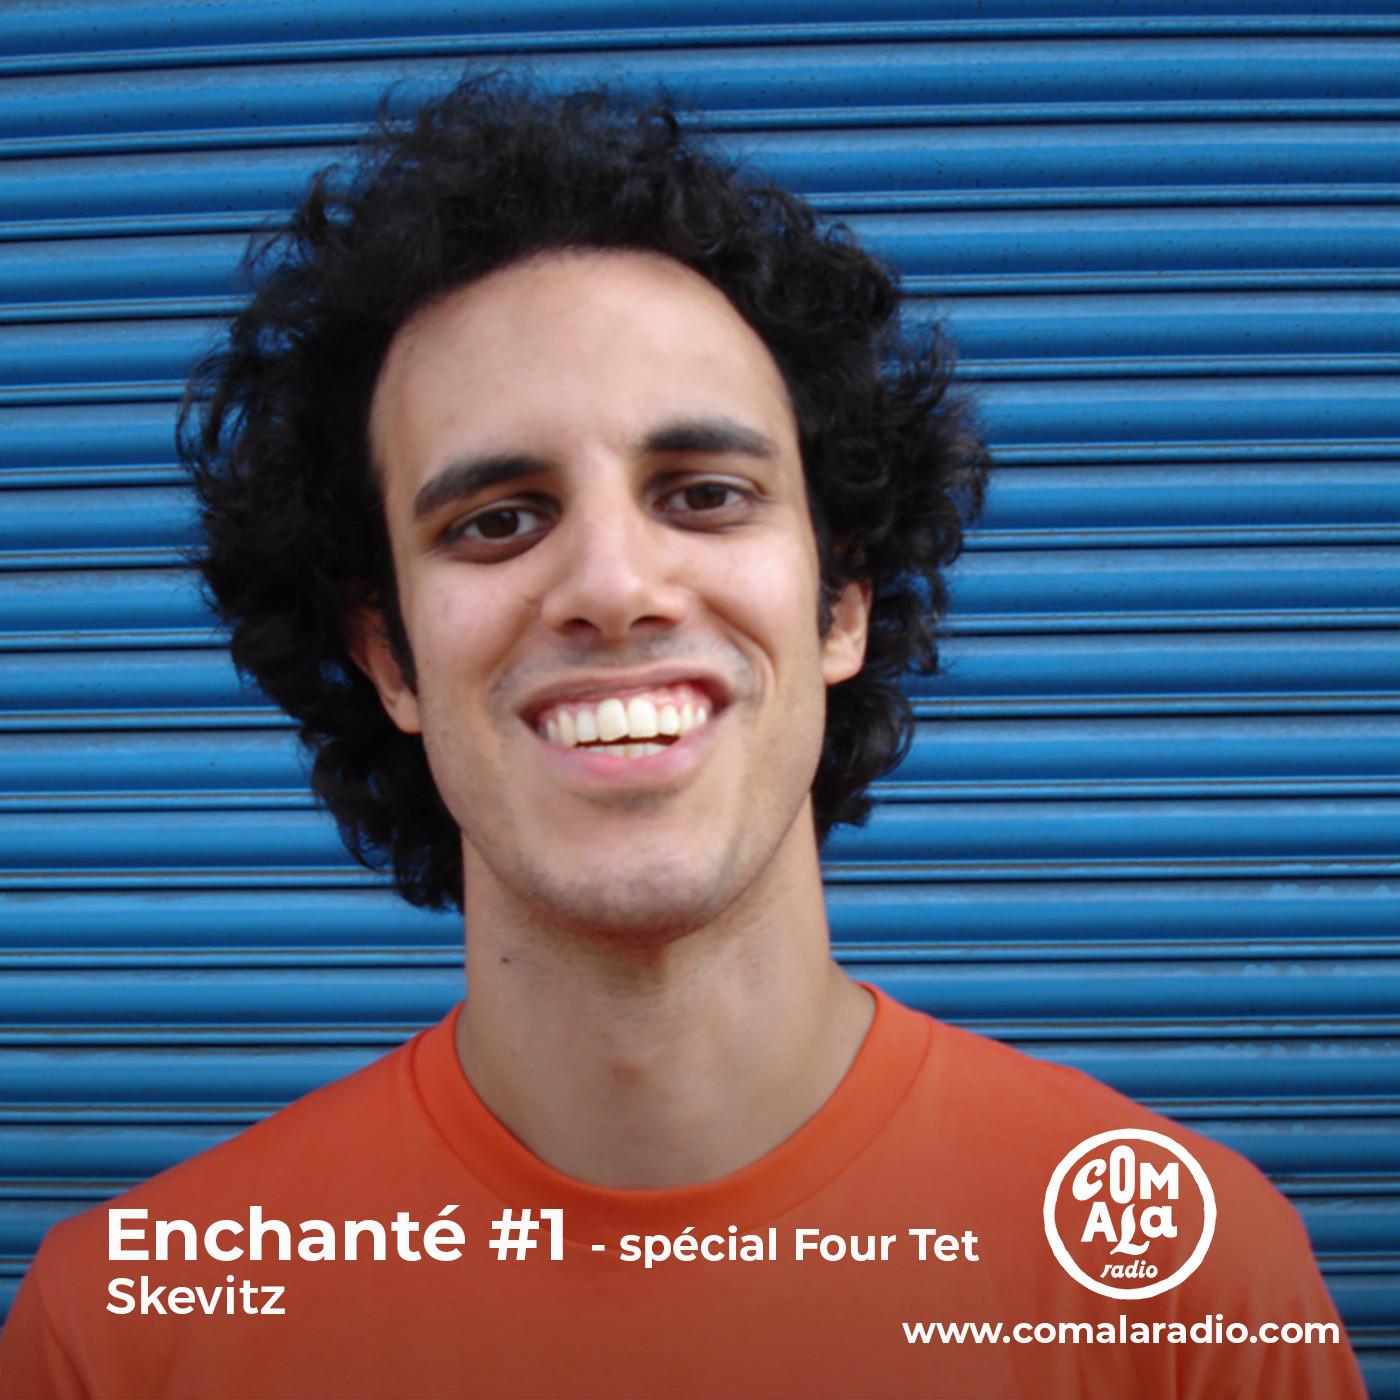 Enchanté #1 - spécial Four Tet